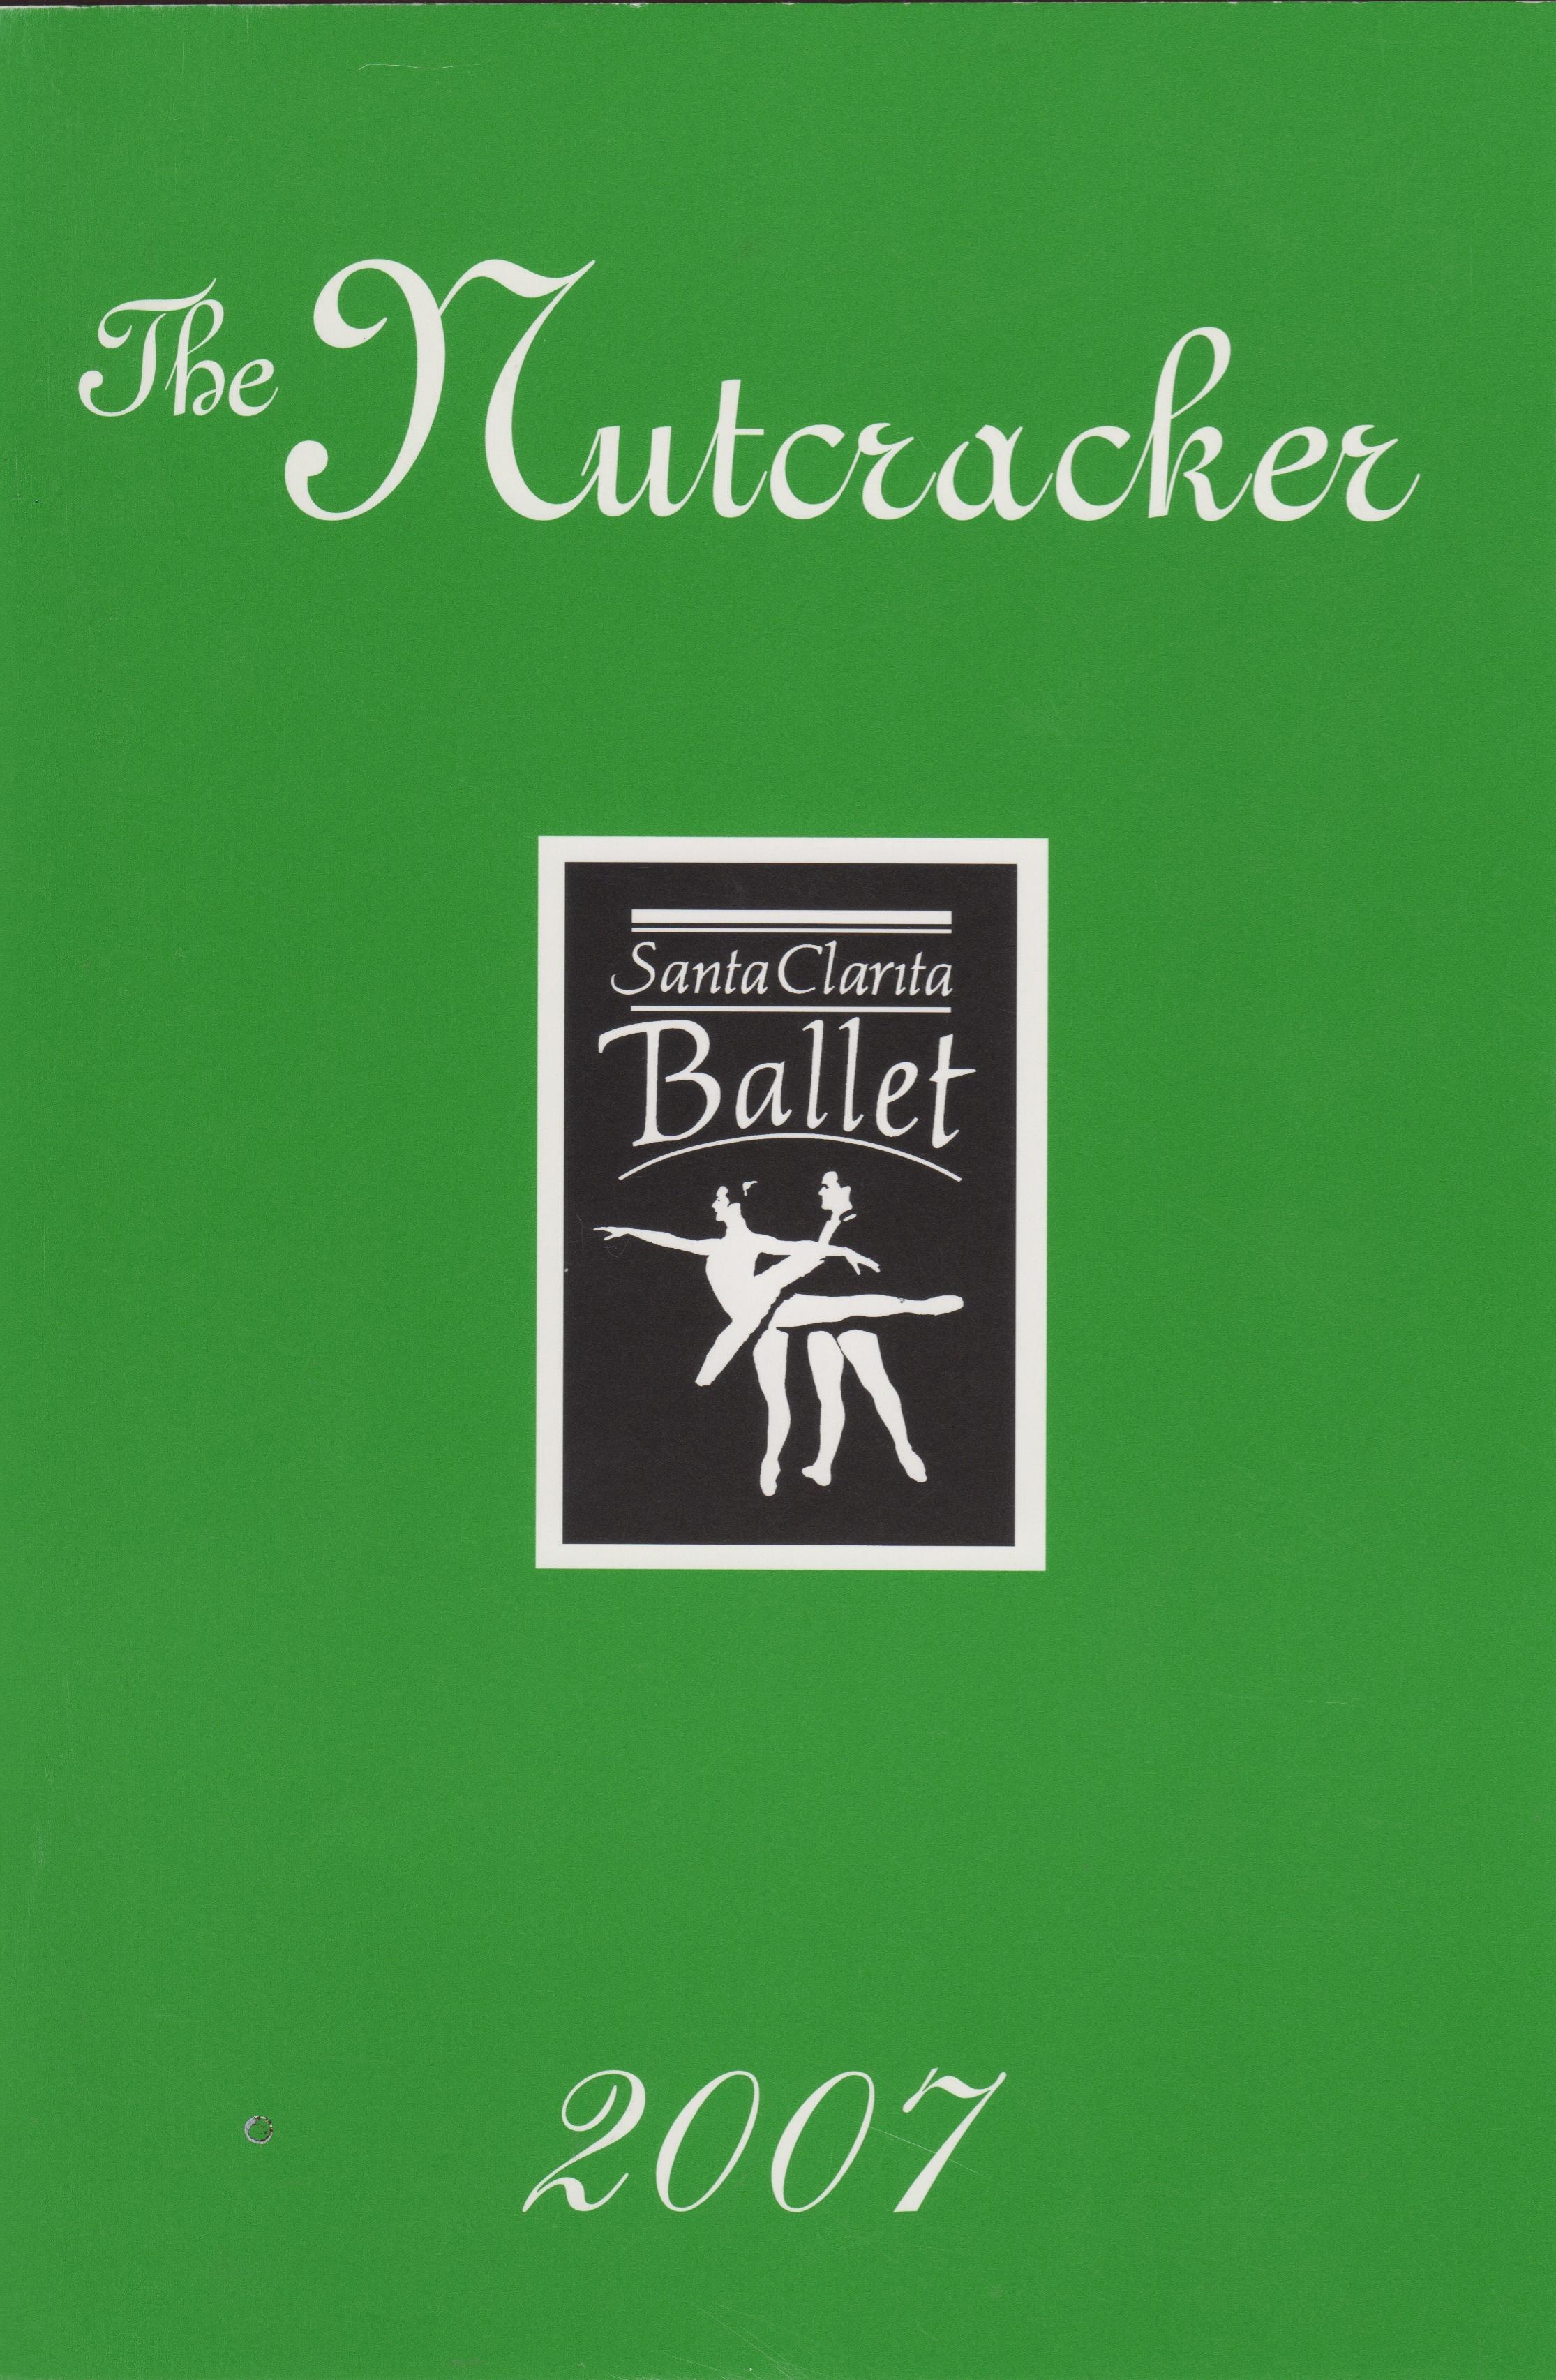 Nutcracker 2007.jpeg